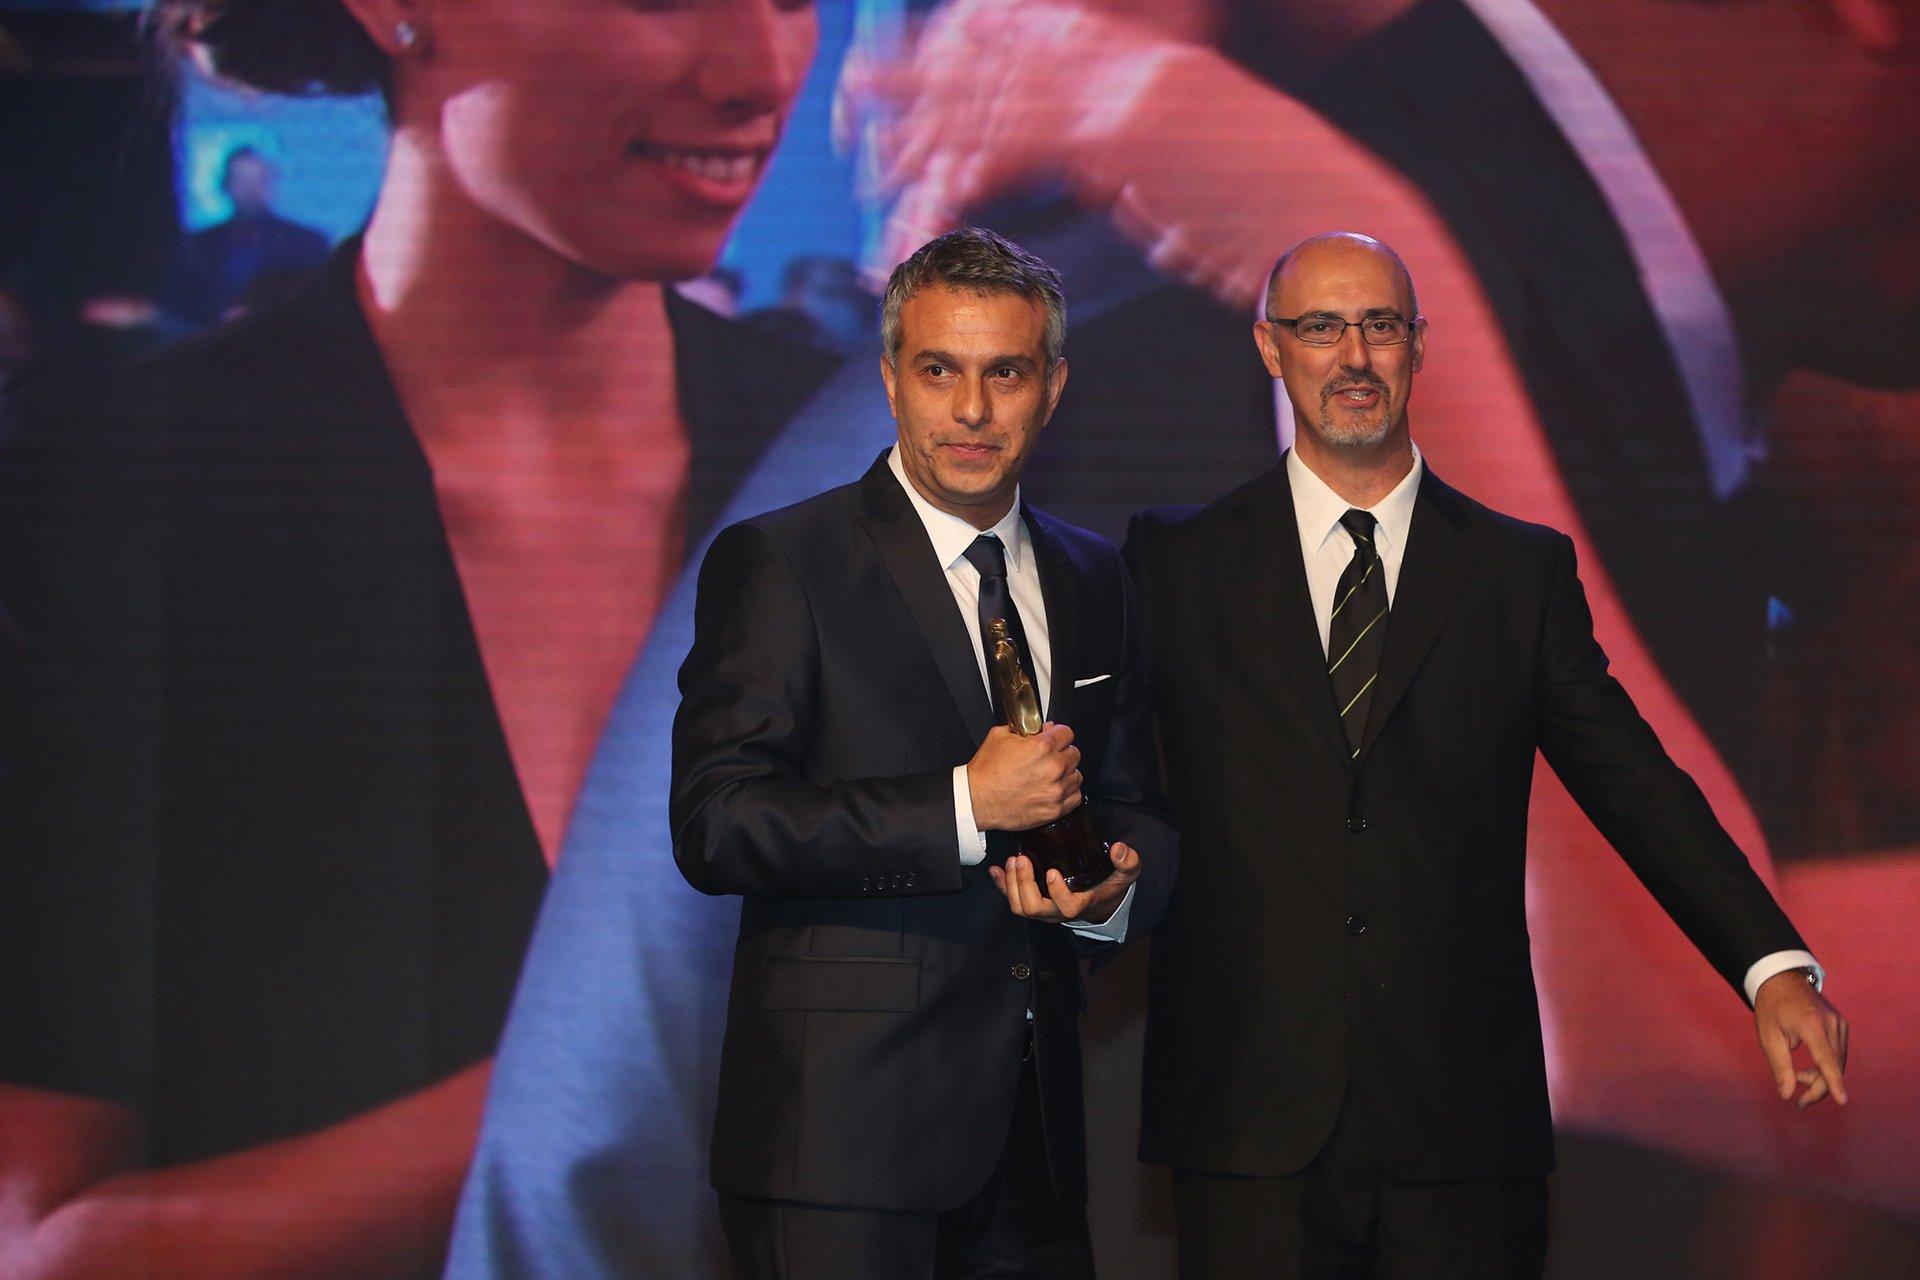 El periodista Mario Massacceci, de la señal Todo Noticias y de Canal 13, al recibir su premio Martín Fierro 2016, en la categoría Movilero.